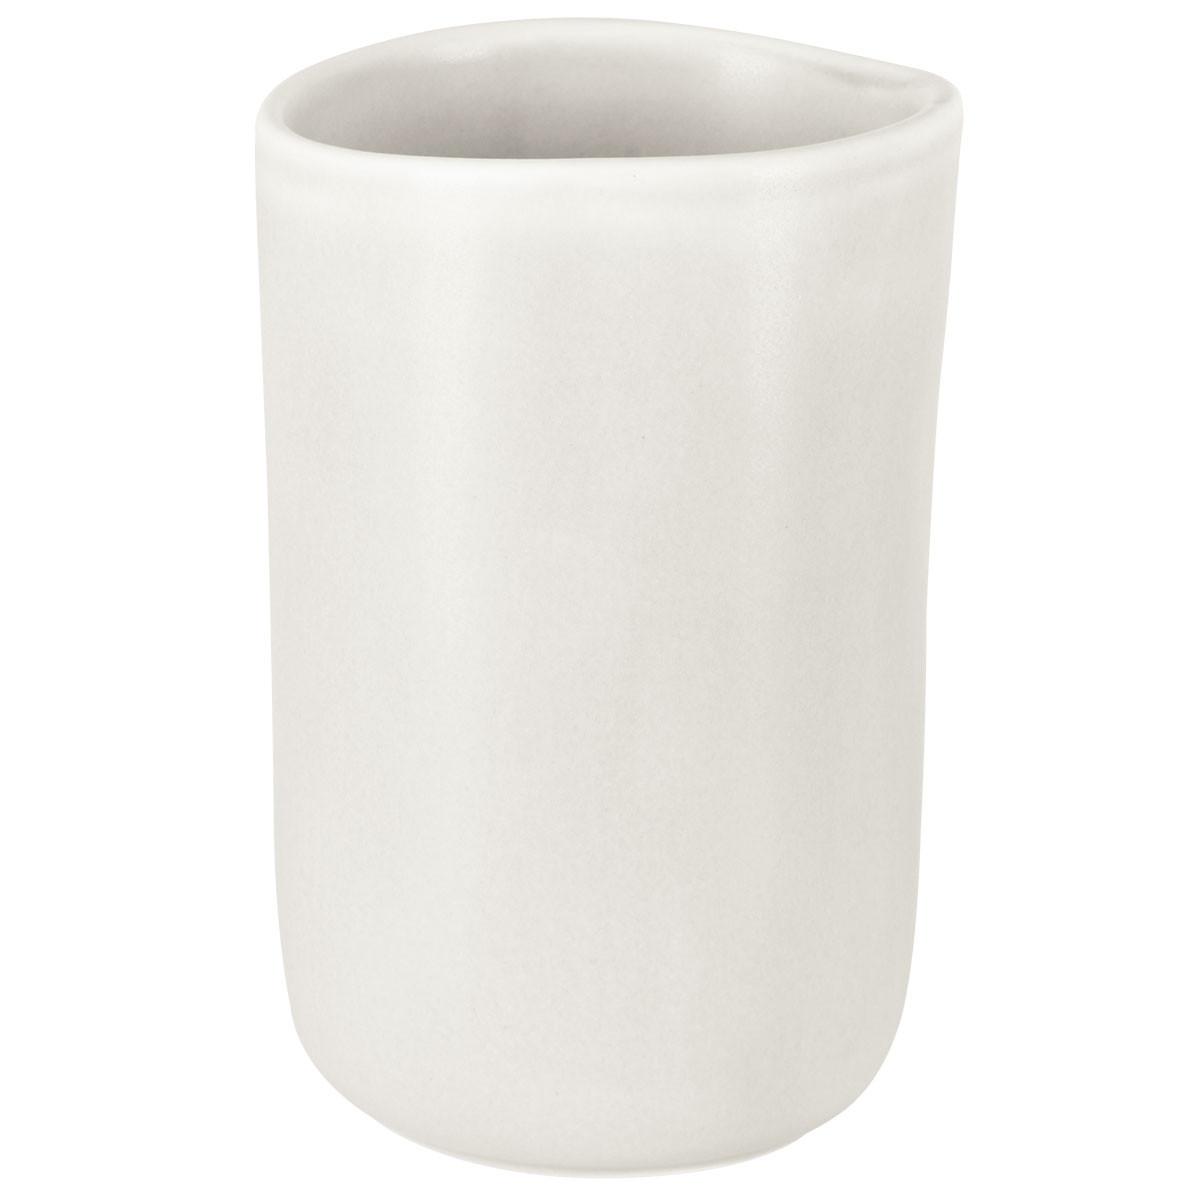 Ποτήρι Οδοντόβουρτσας Spirella 03246.002 Sina White